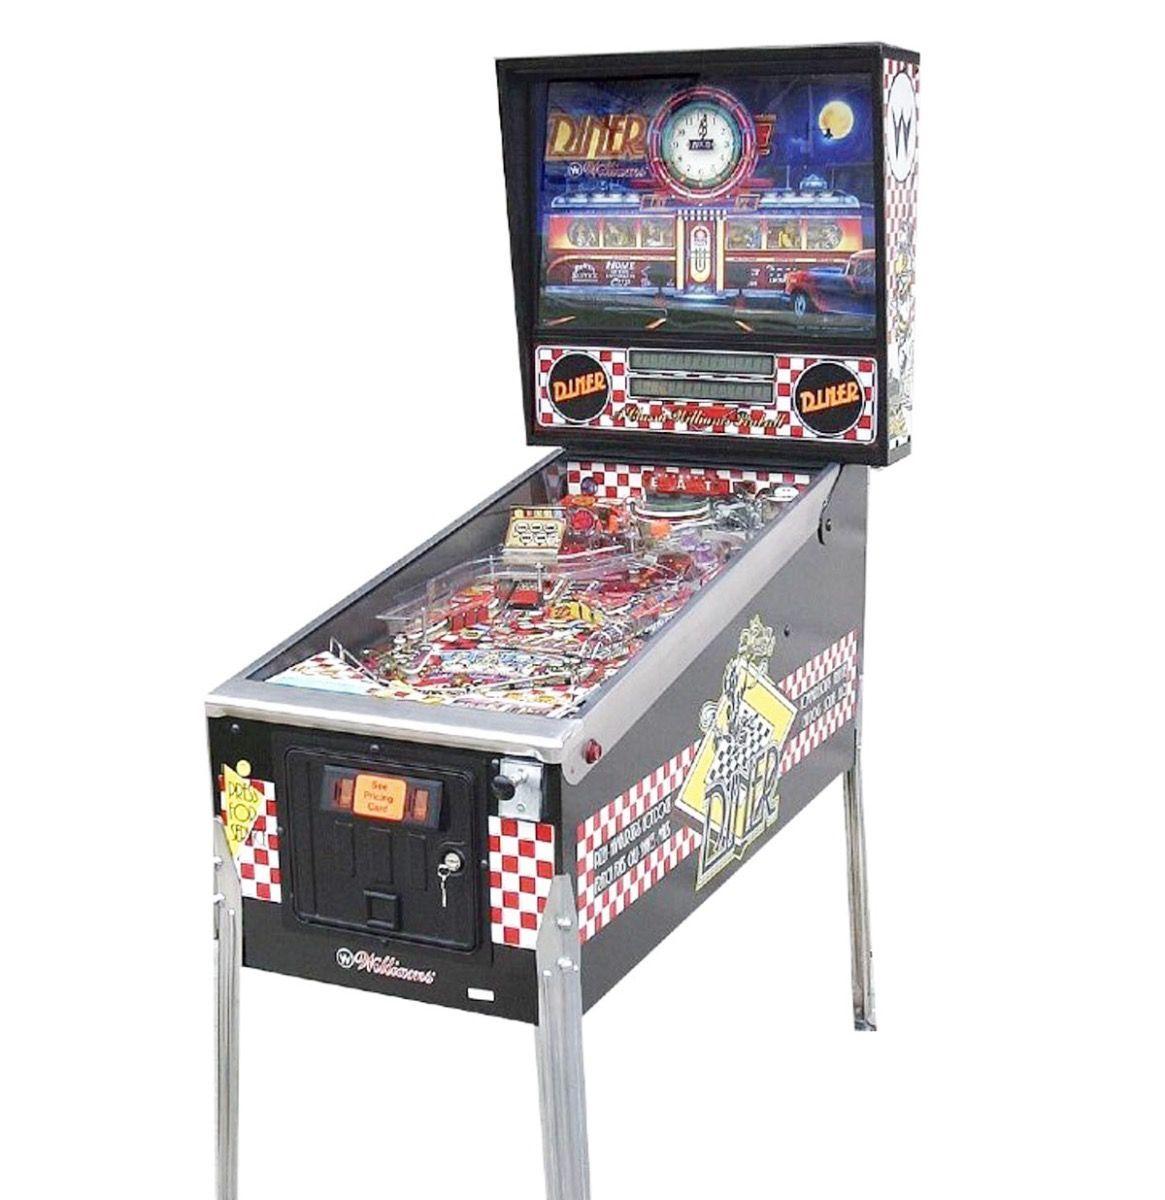 Diner pinball machine by Williams 1990 Pinball, Pinball